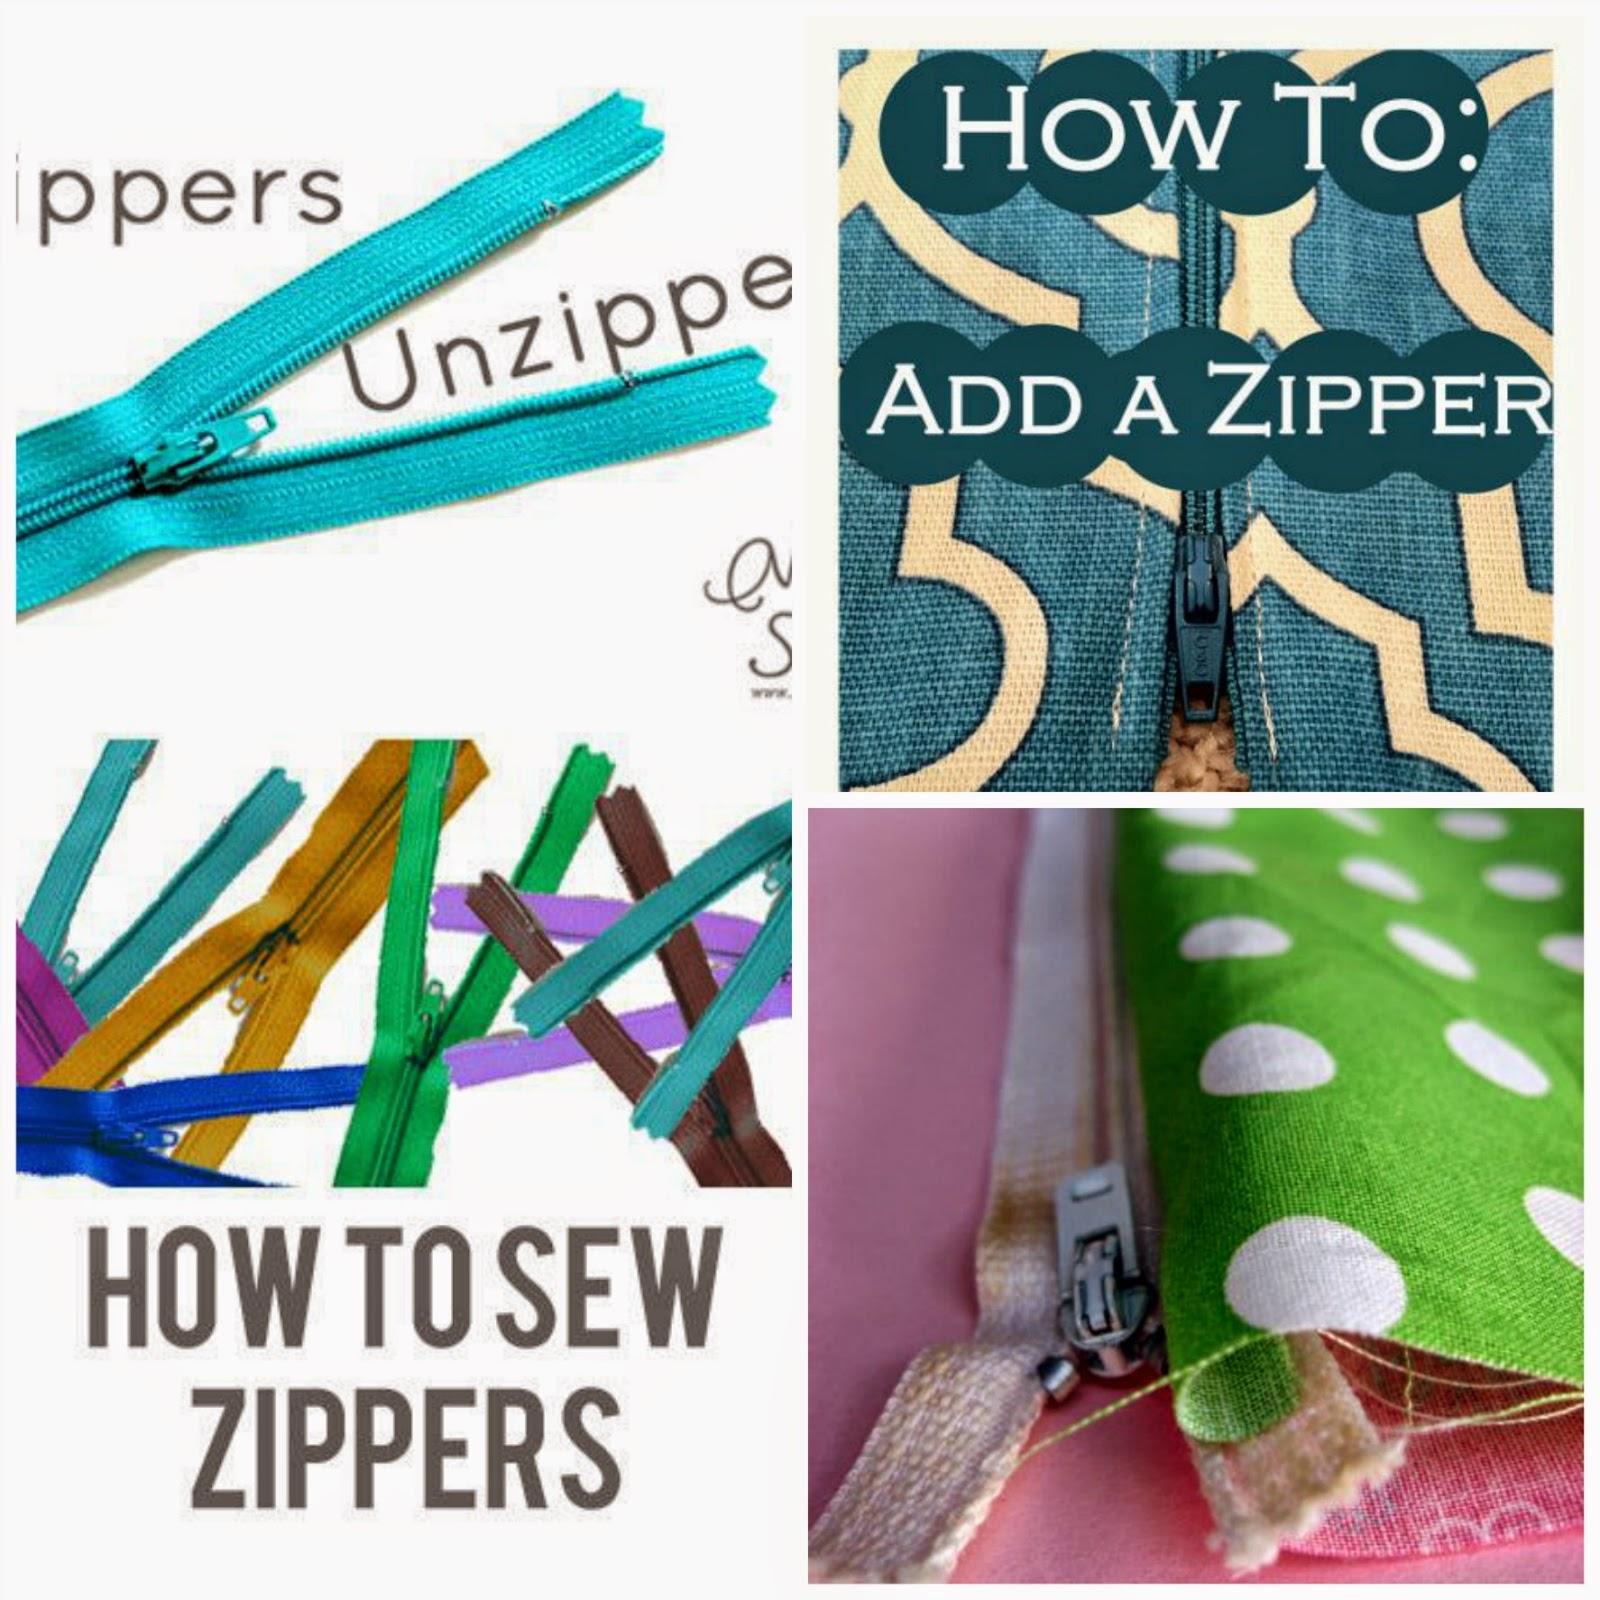 http://3.bp.blogspot.com/-Rr5zDaypjSA/VFFW75r8osI/AAAAAAAAFew/AiGg7GuZ0Tg/s1600/zippers.jpg